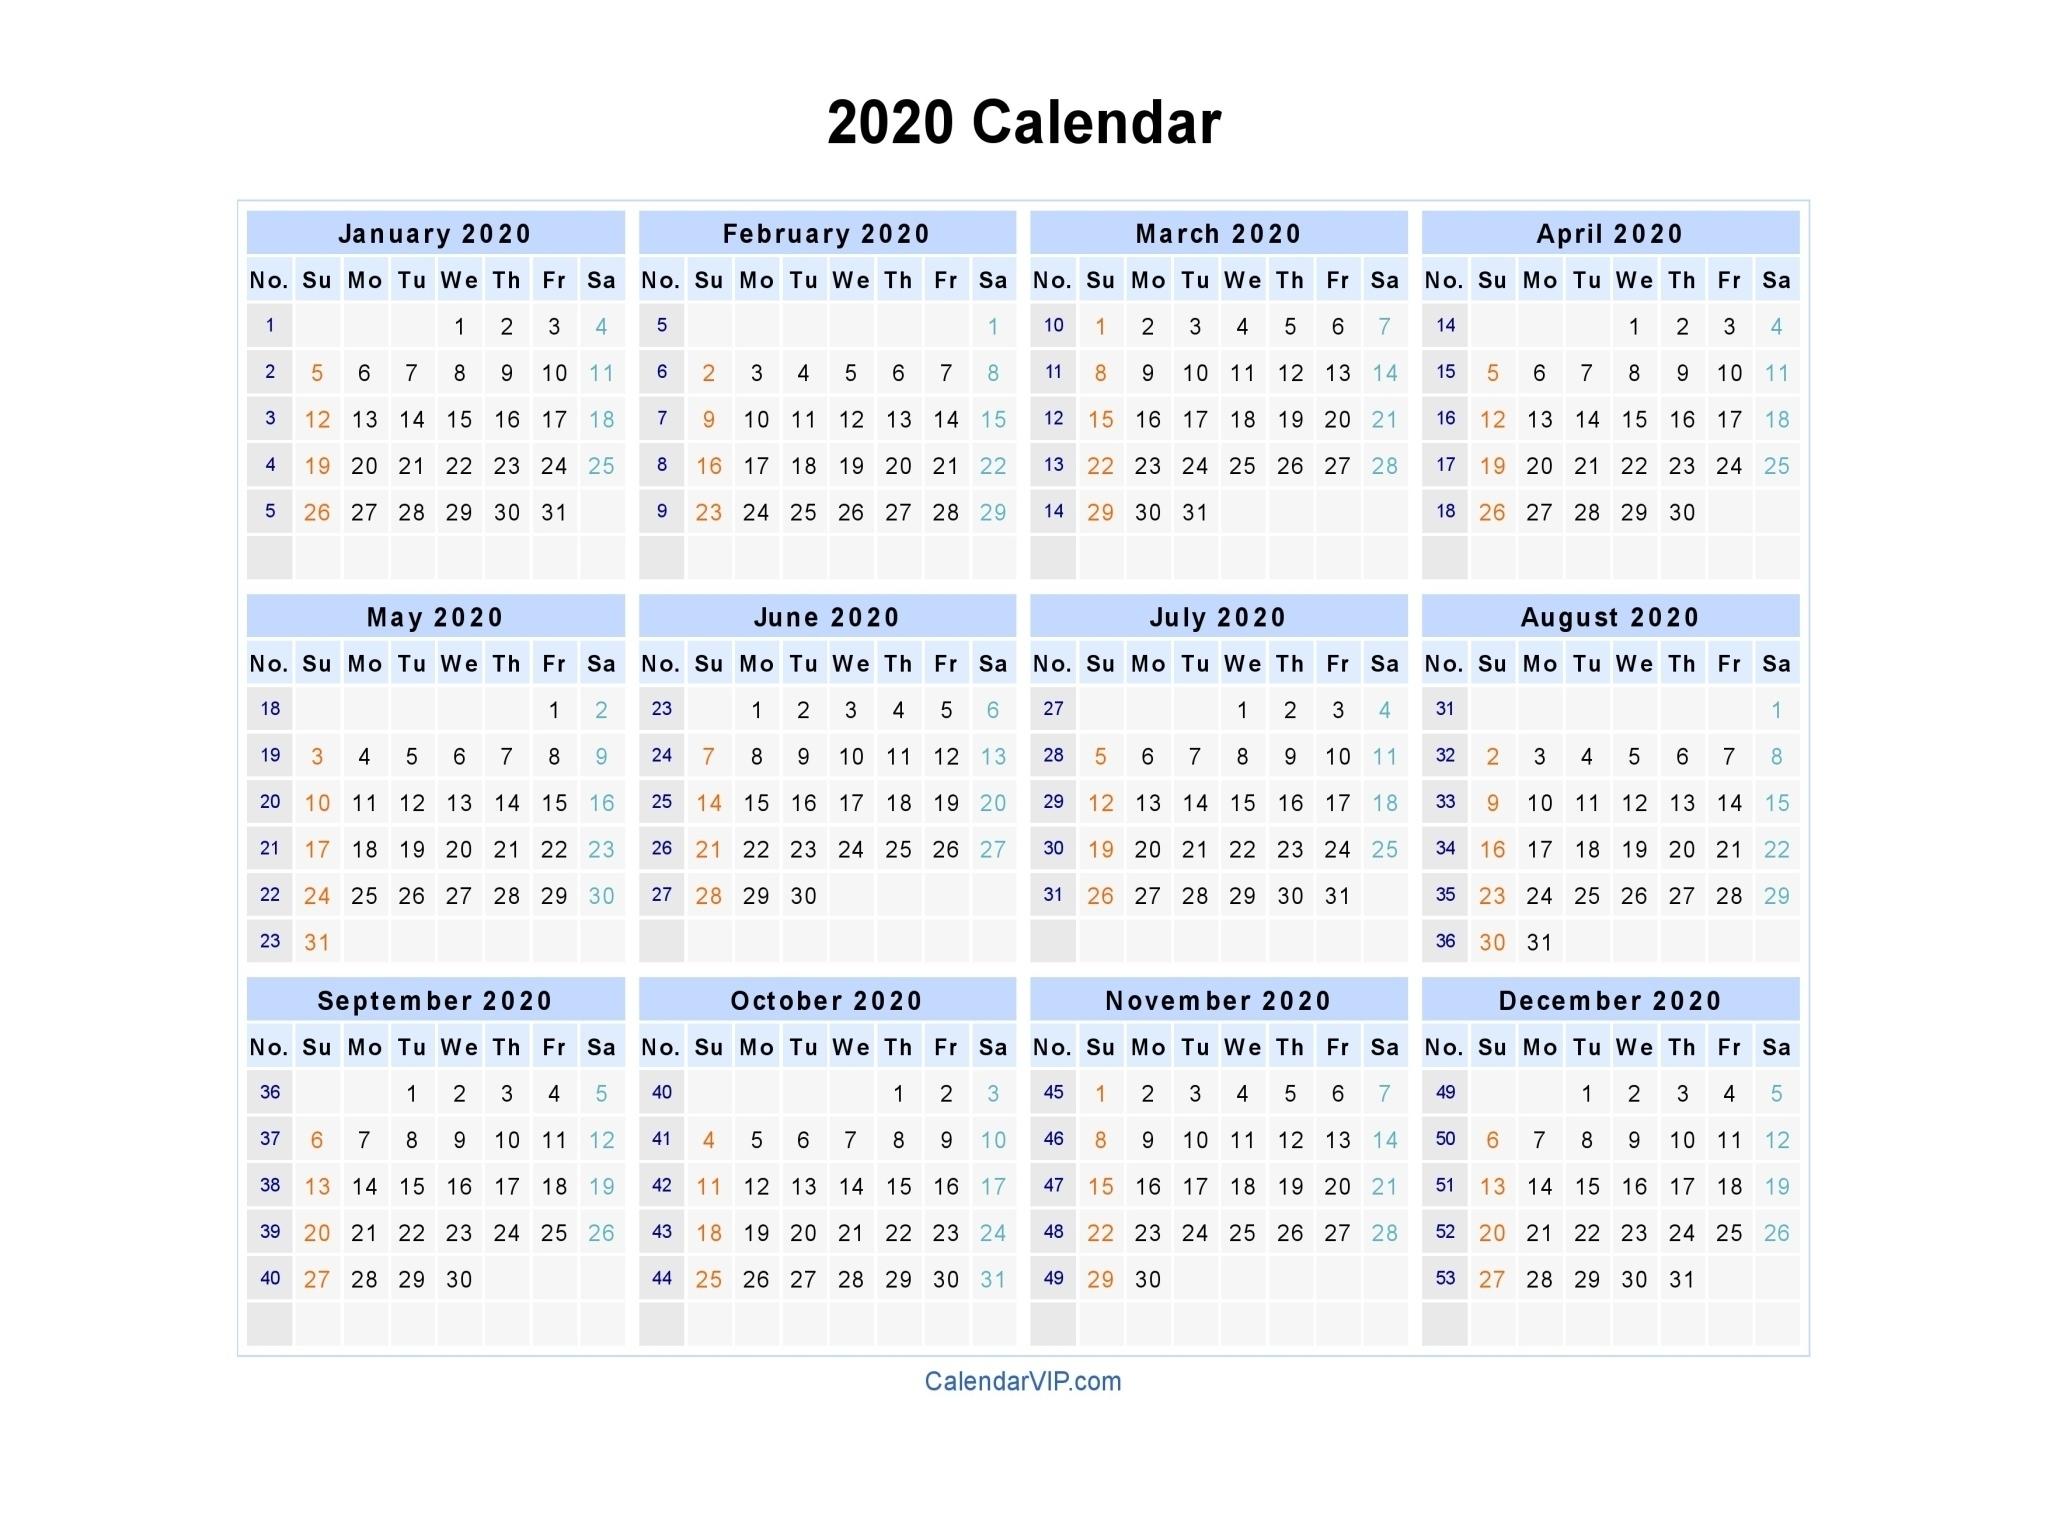 Week Numbers Calendar 2020 - Cerno.mioduchowski